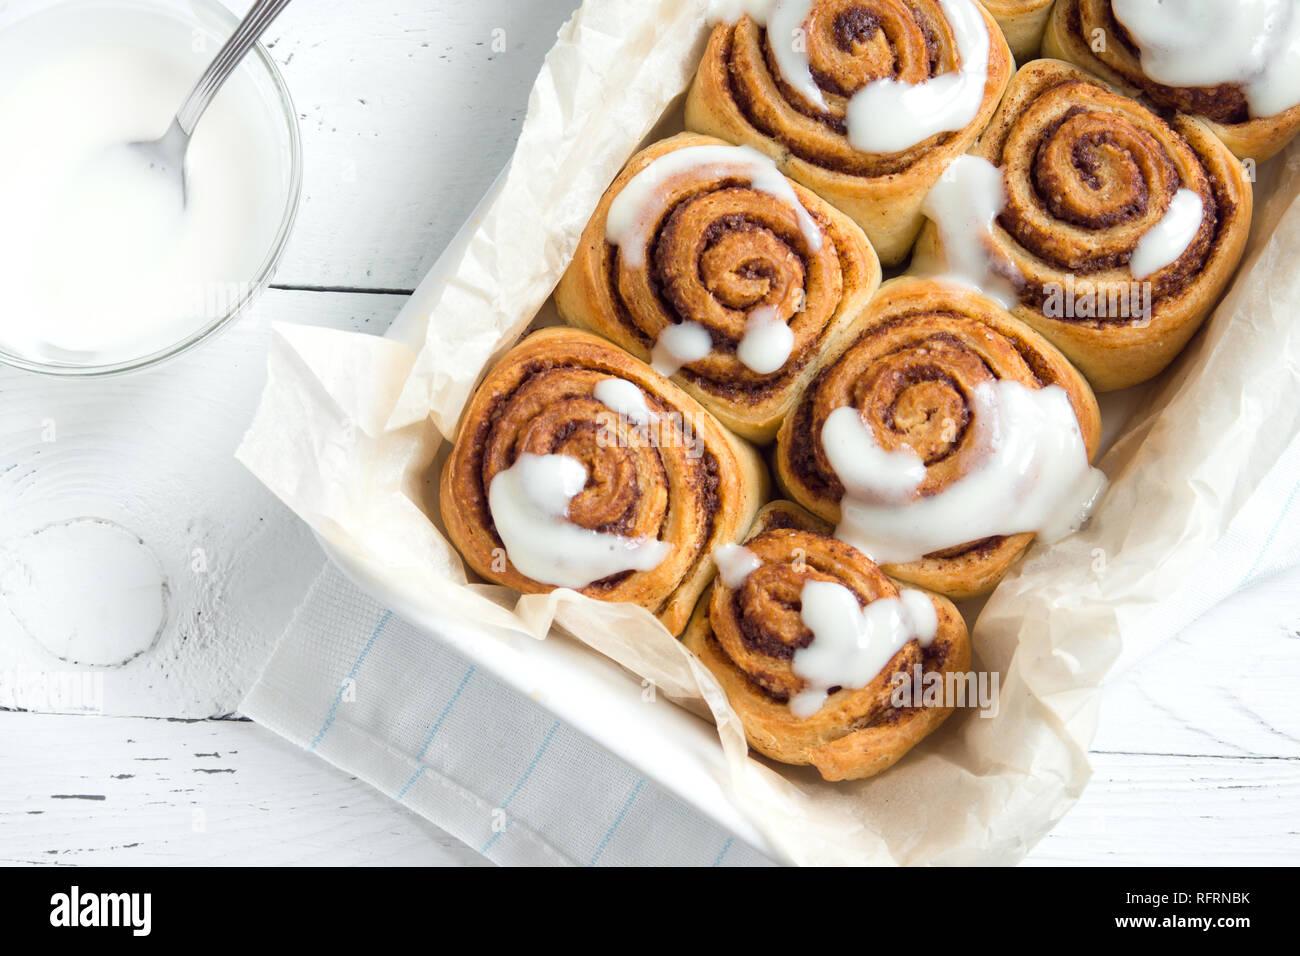 Zimtschnecken Oder Cinnabon Hausgemachtes Rezept Des Traditionellen